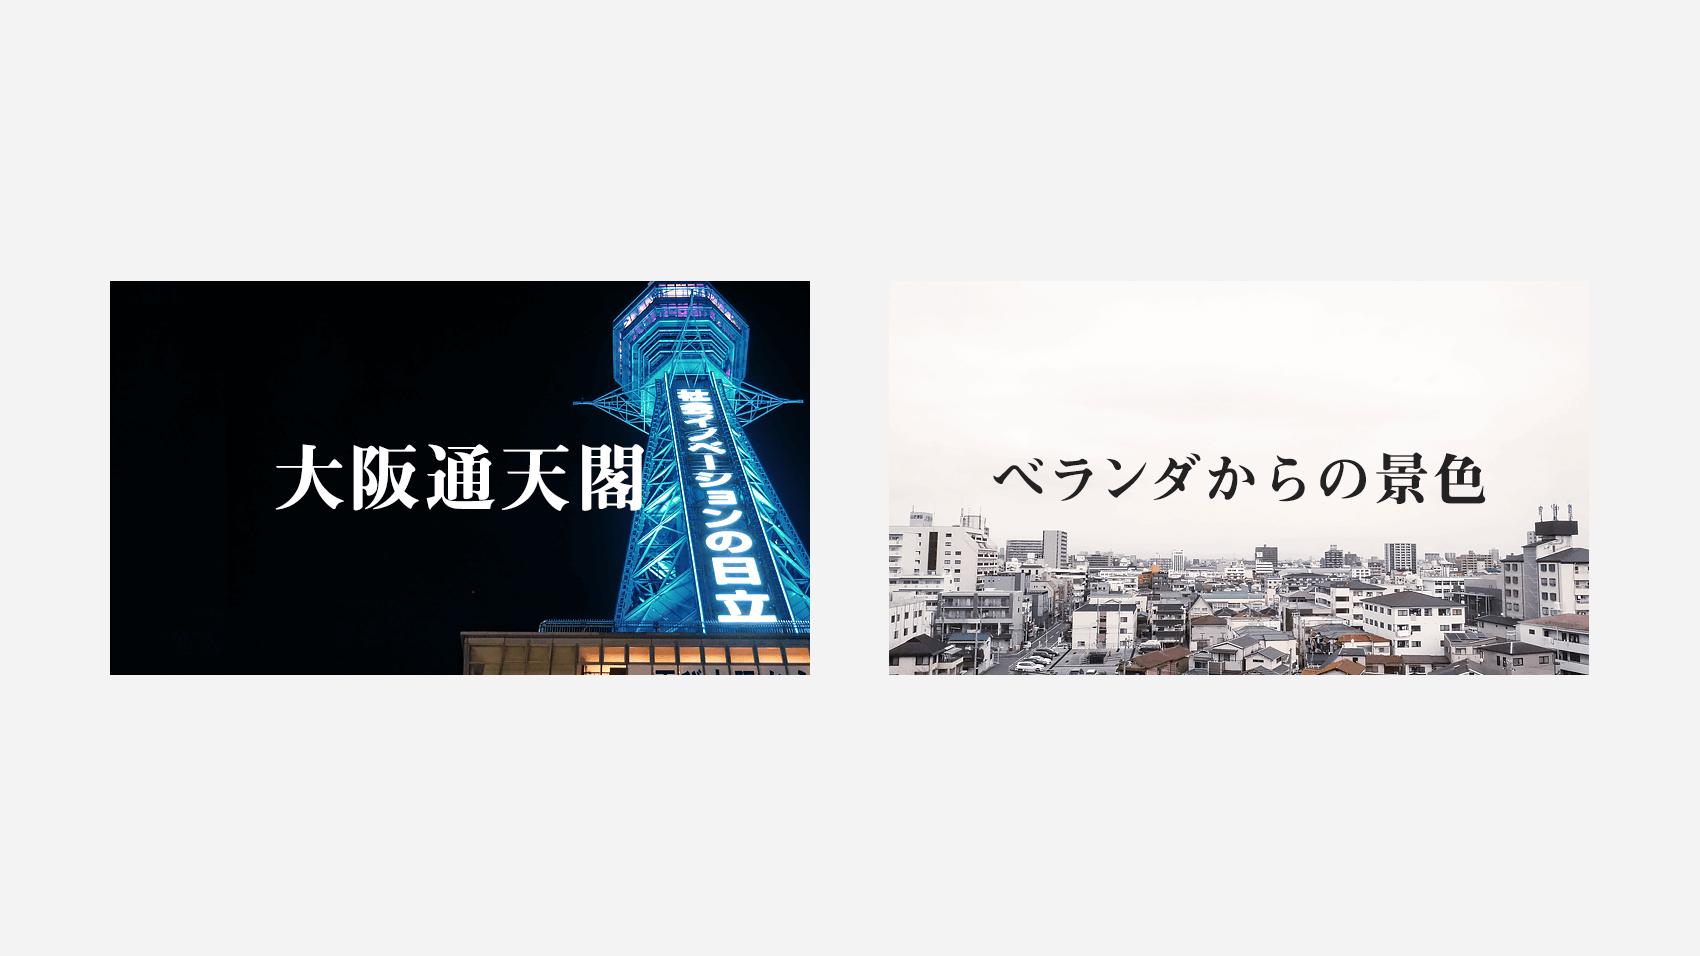 写真と文字のコントラストが高い画像例